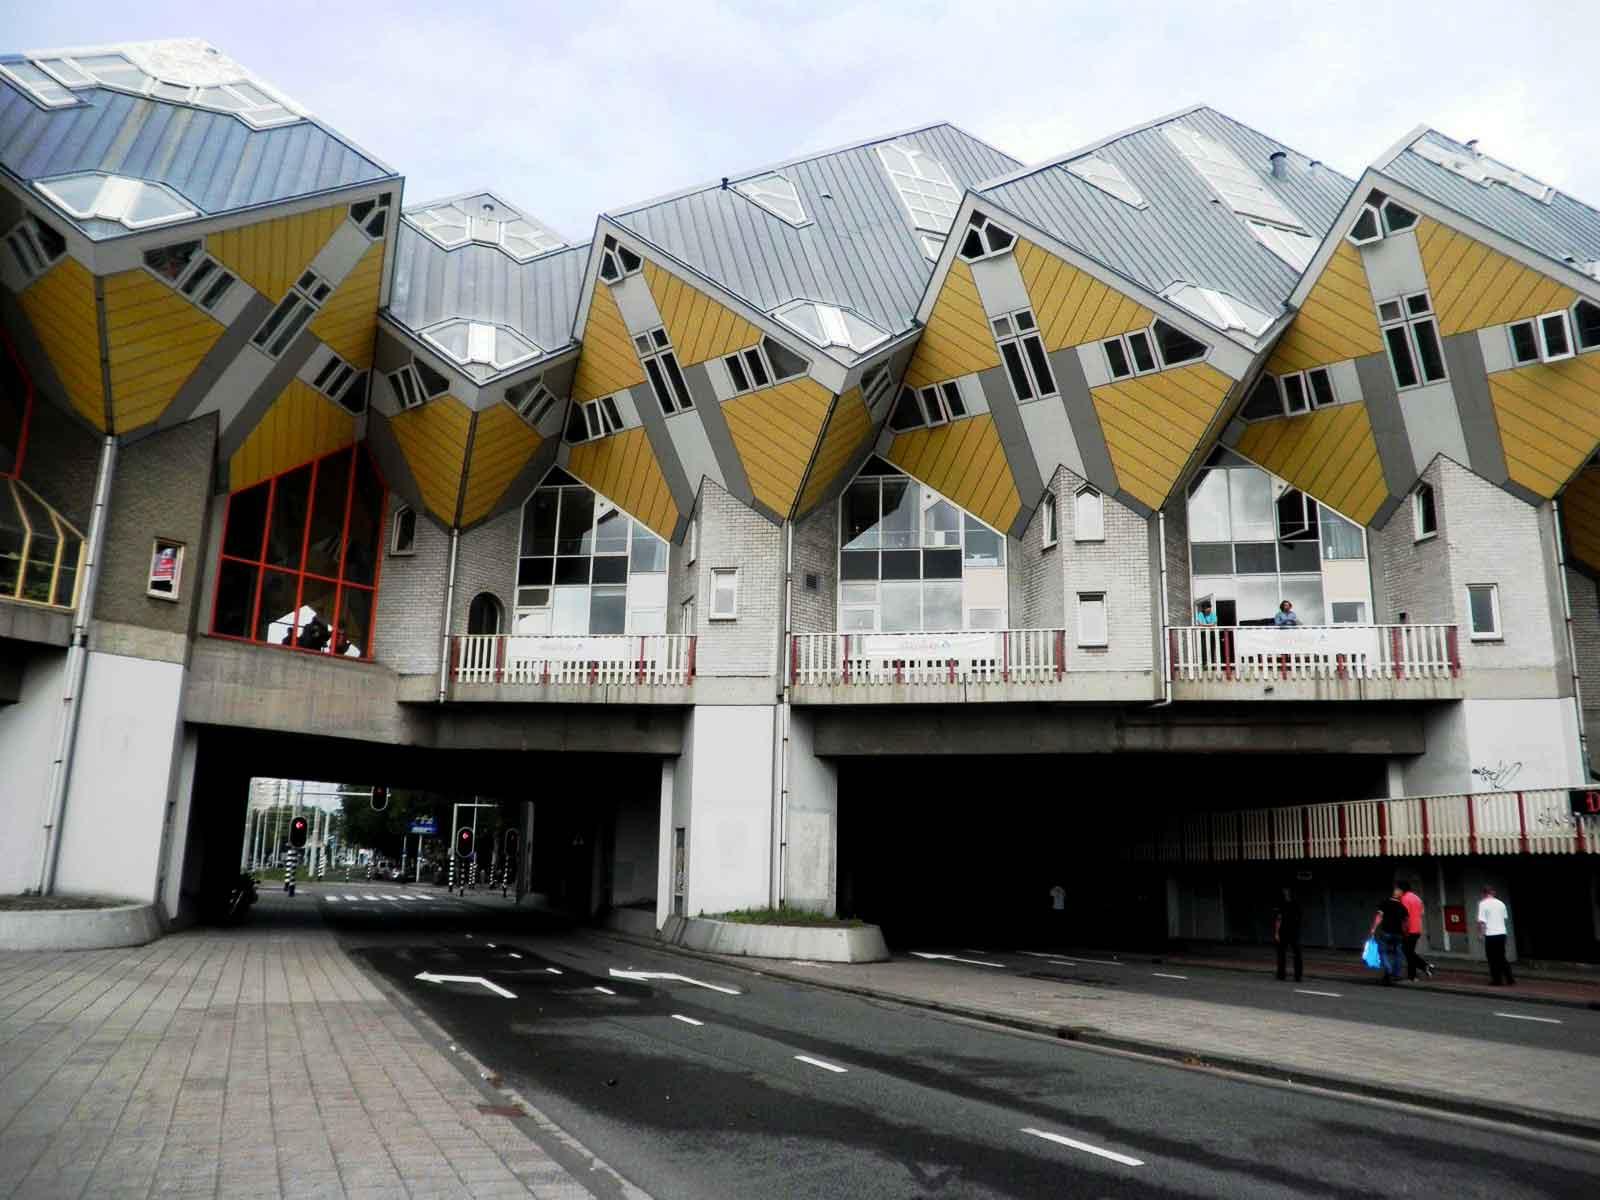 Rotterdam un itinerario a piedi di architettura - Architettura case moderne idee ...